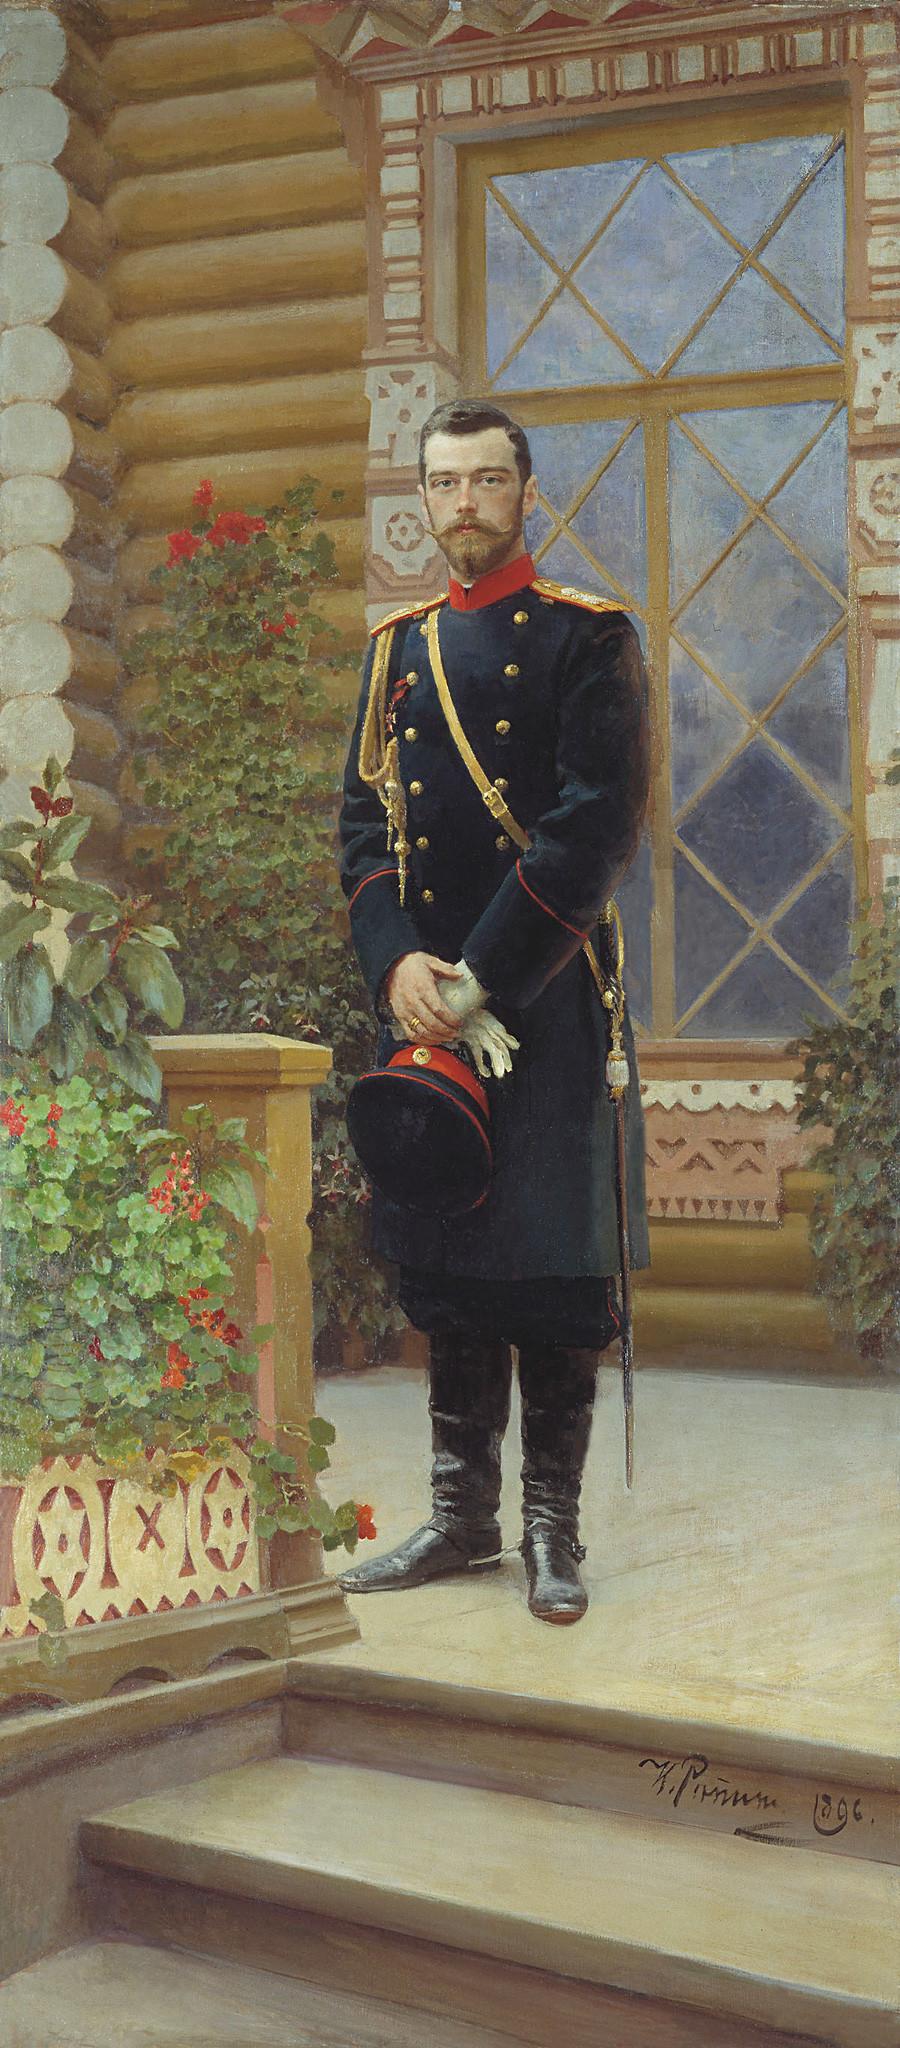 《尼古拉二世肖像》,伊利亚·列宾(Ilya Repin)。图片来源:State Historical Museum